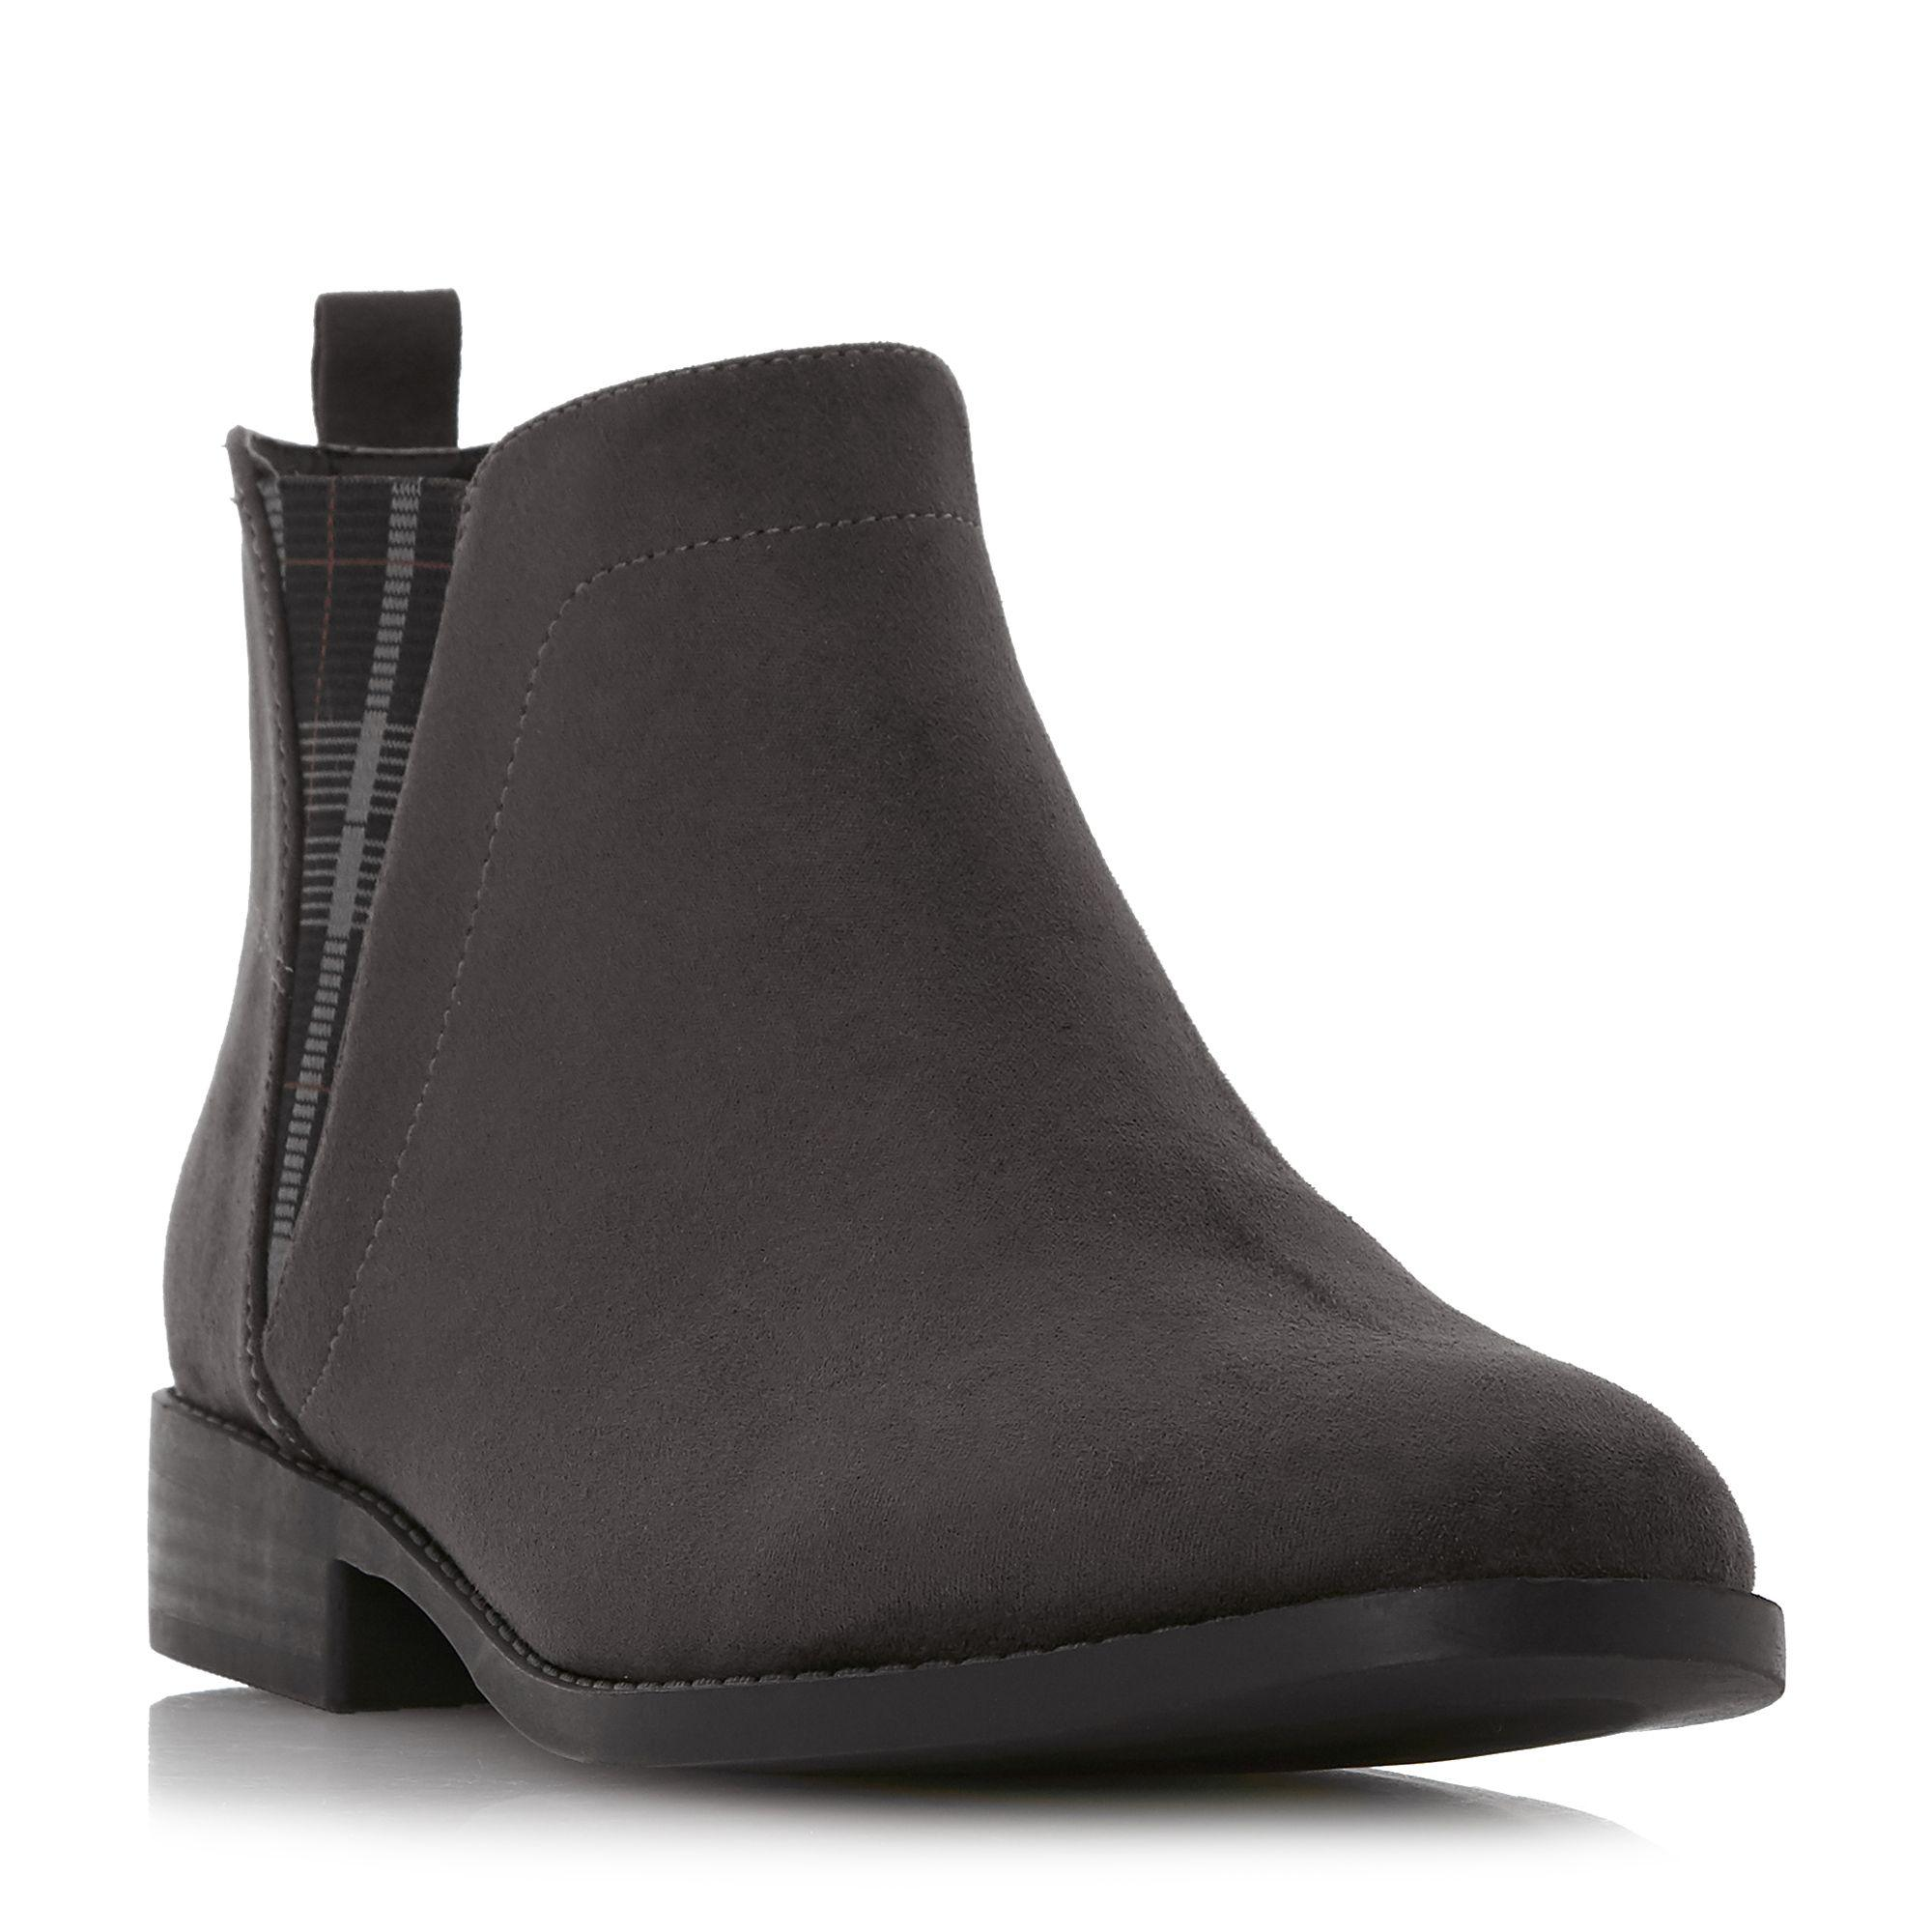 b2d6506ccba Dune Grey 'primma' Block Heel Chelsea Boots in Gray - Lyst